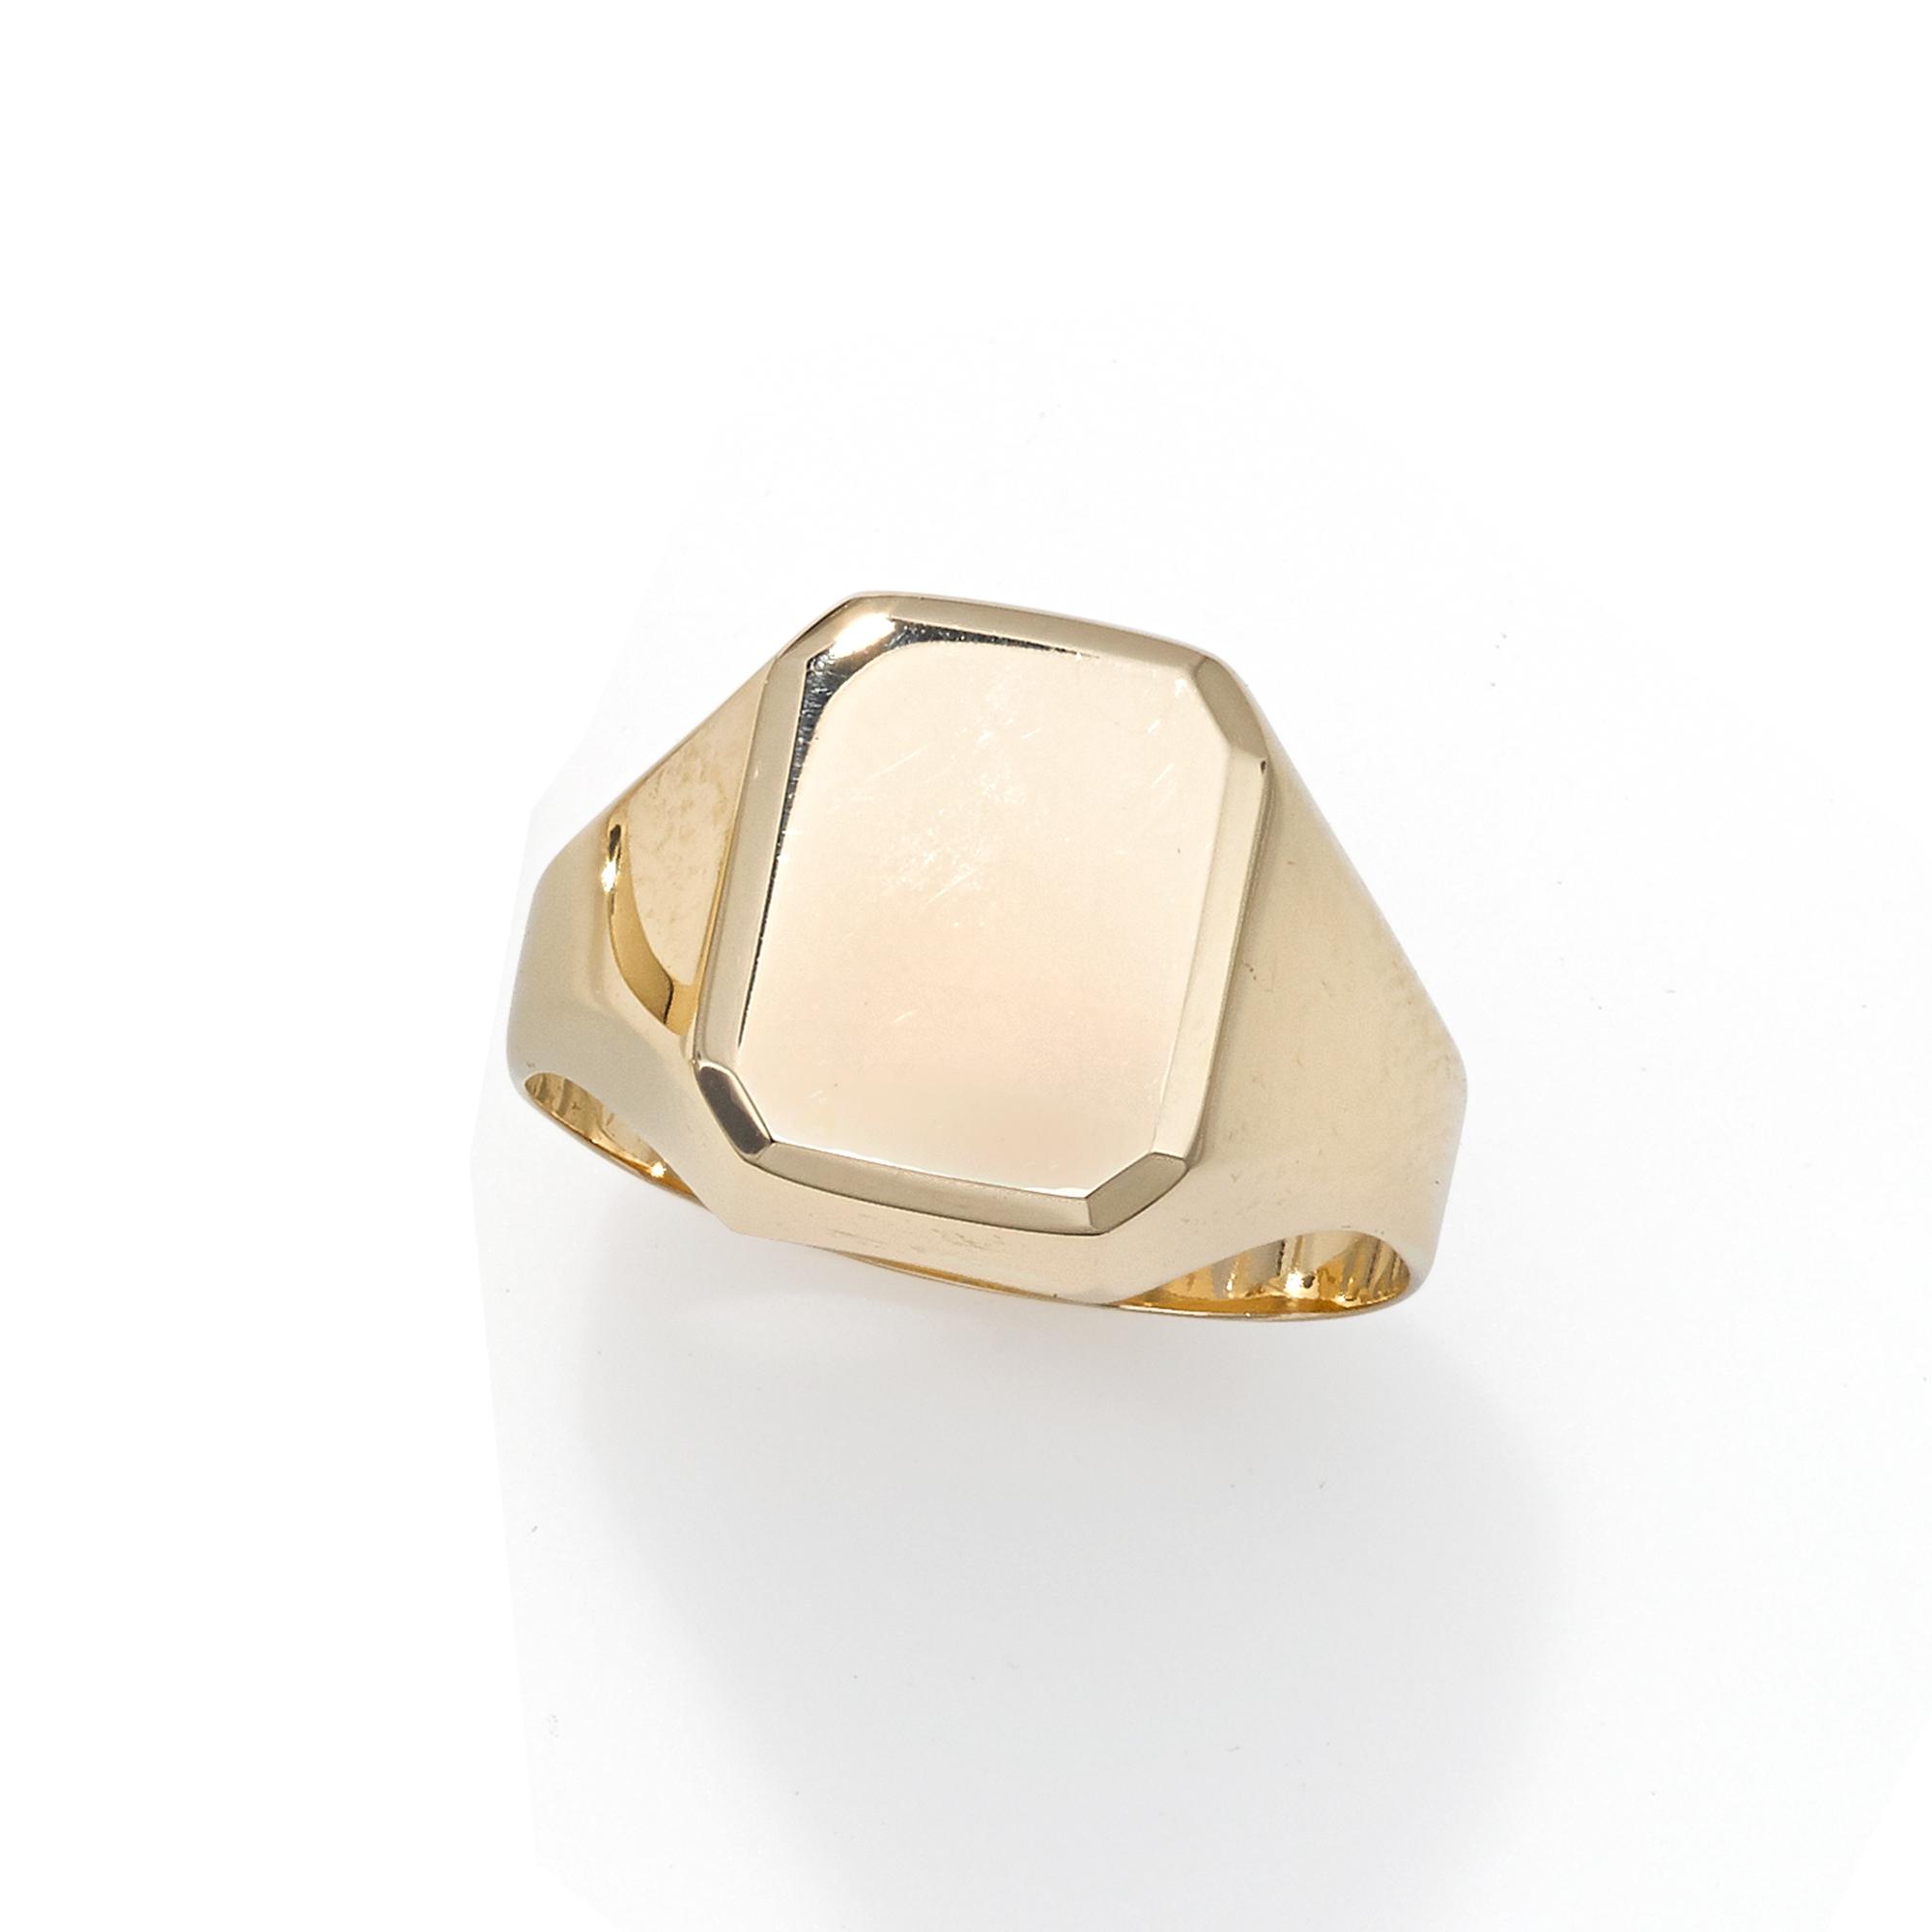 14k-gold-polished-rectangular-signet-ring-r7198-07_ring